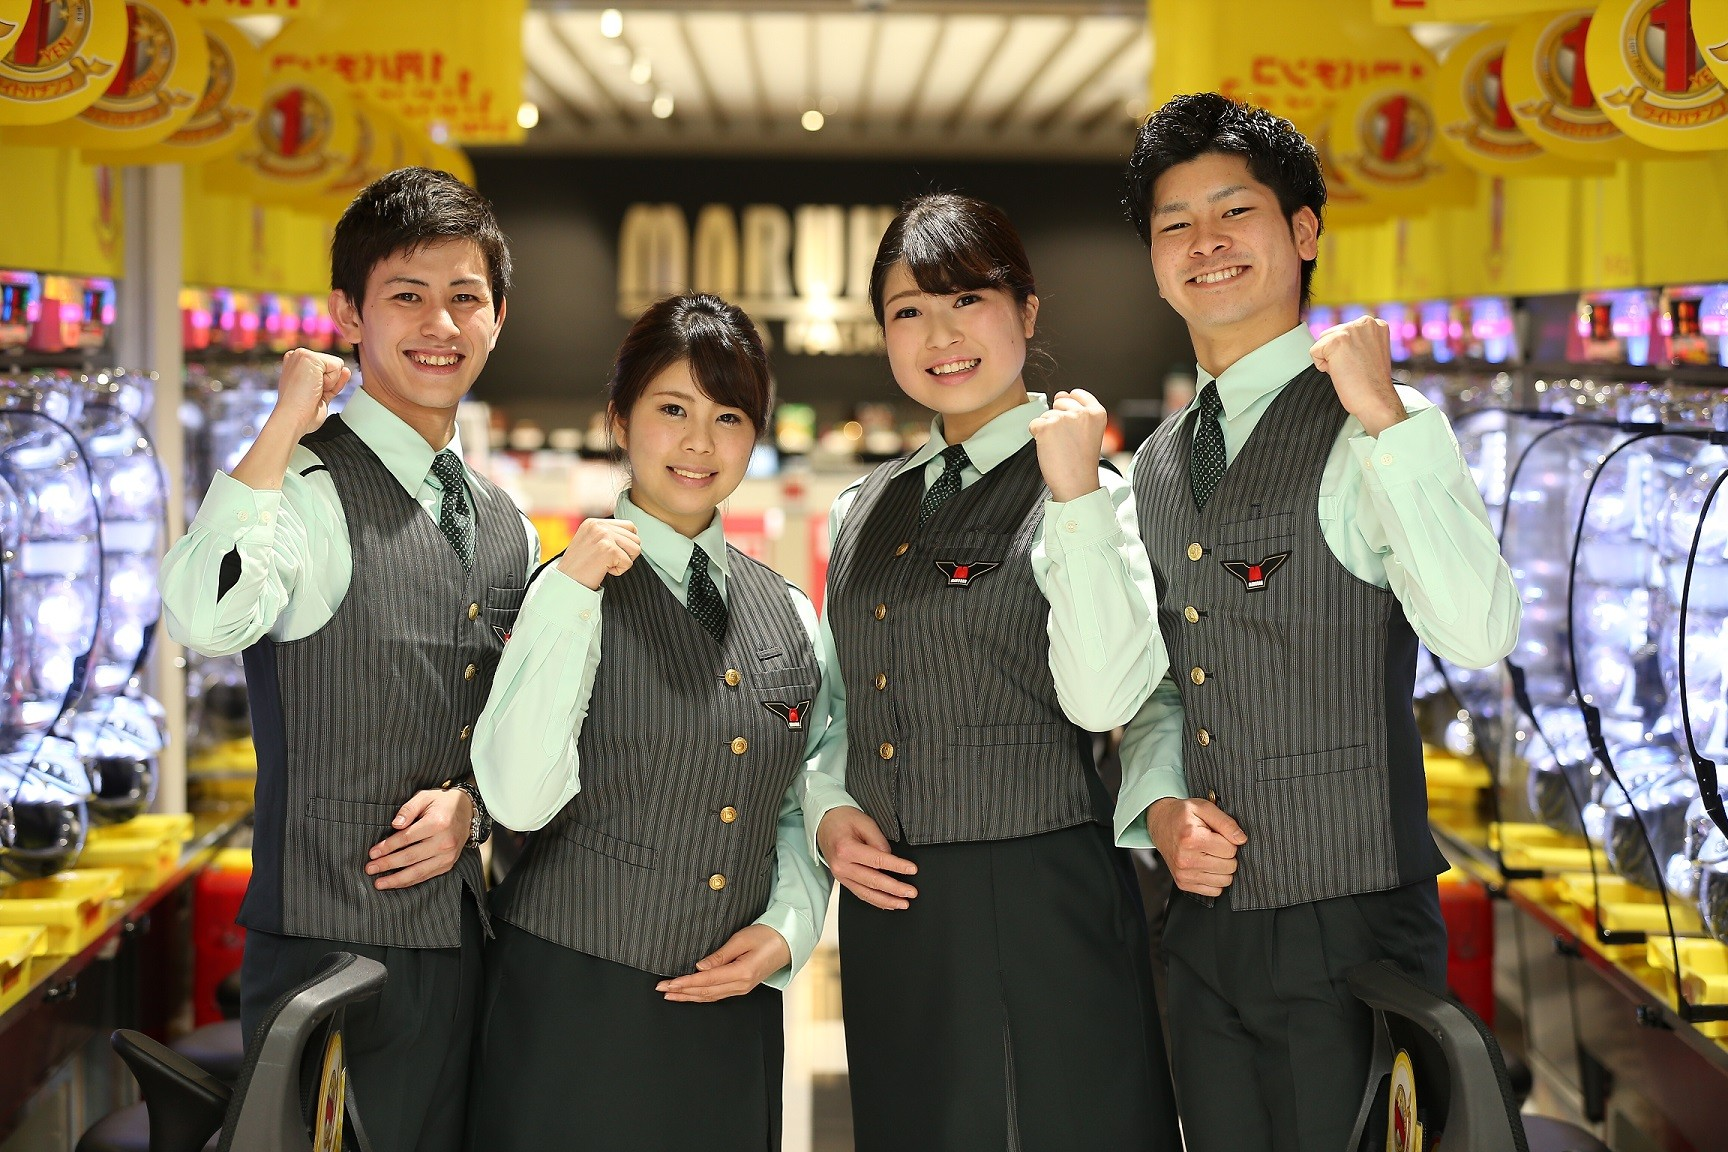 マルハン 本城店[4003] のアルバイト情報